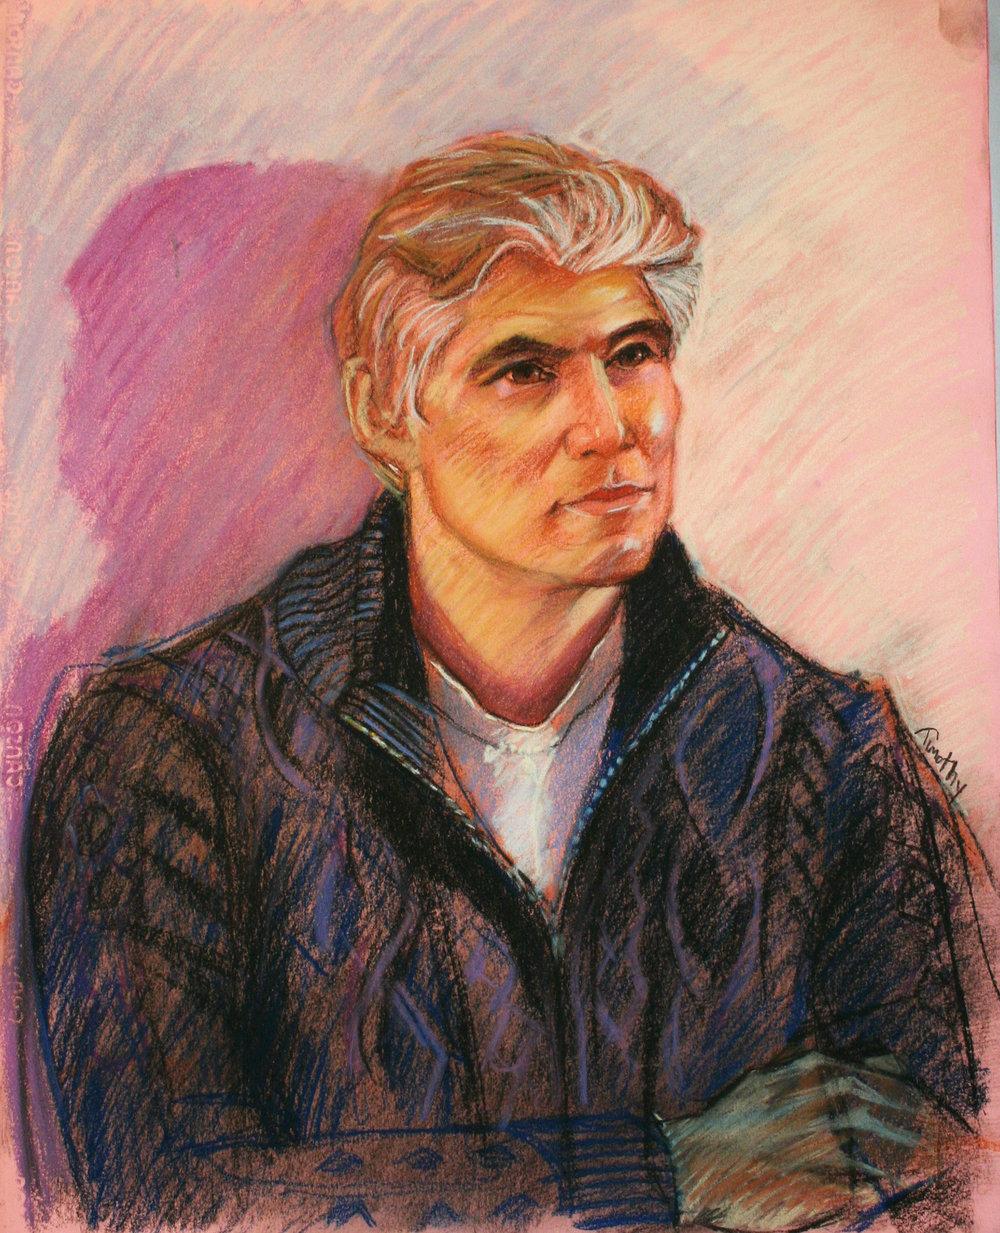 Timothy Herron did this pastel drawing.